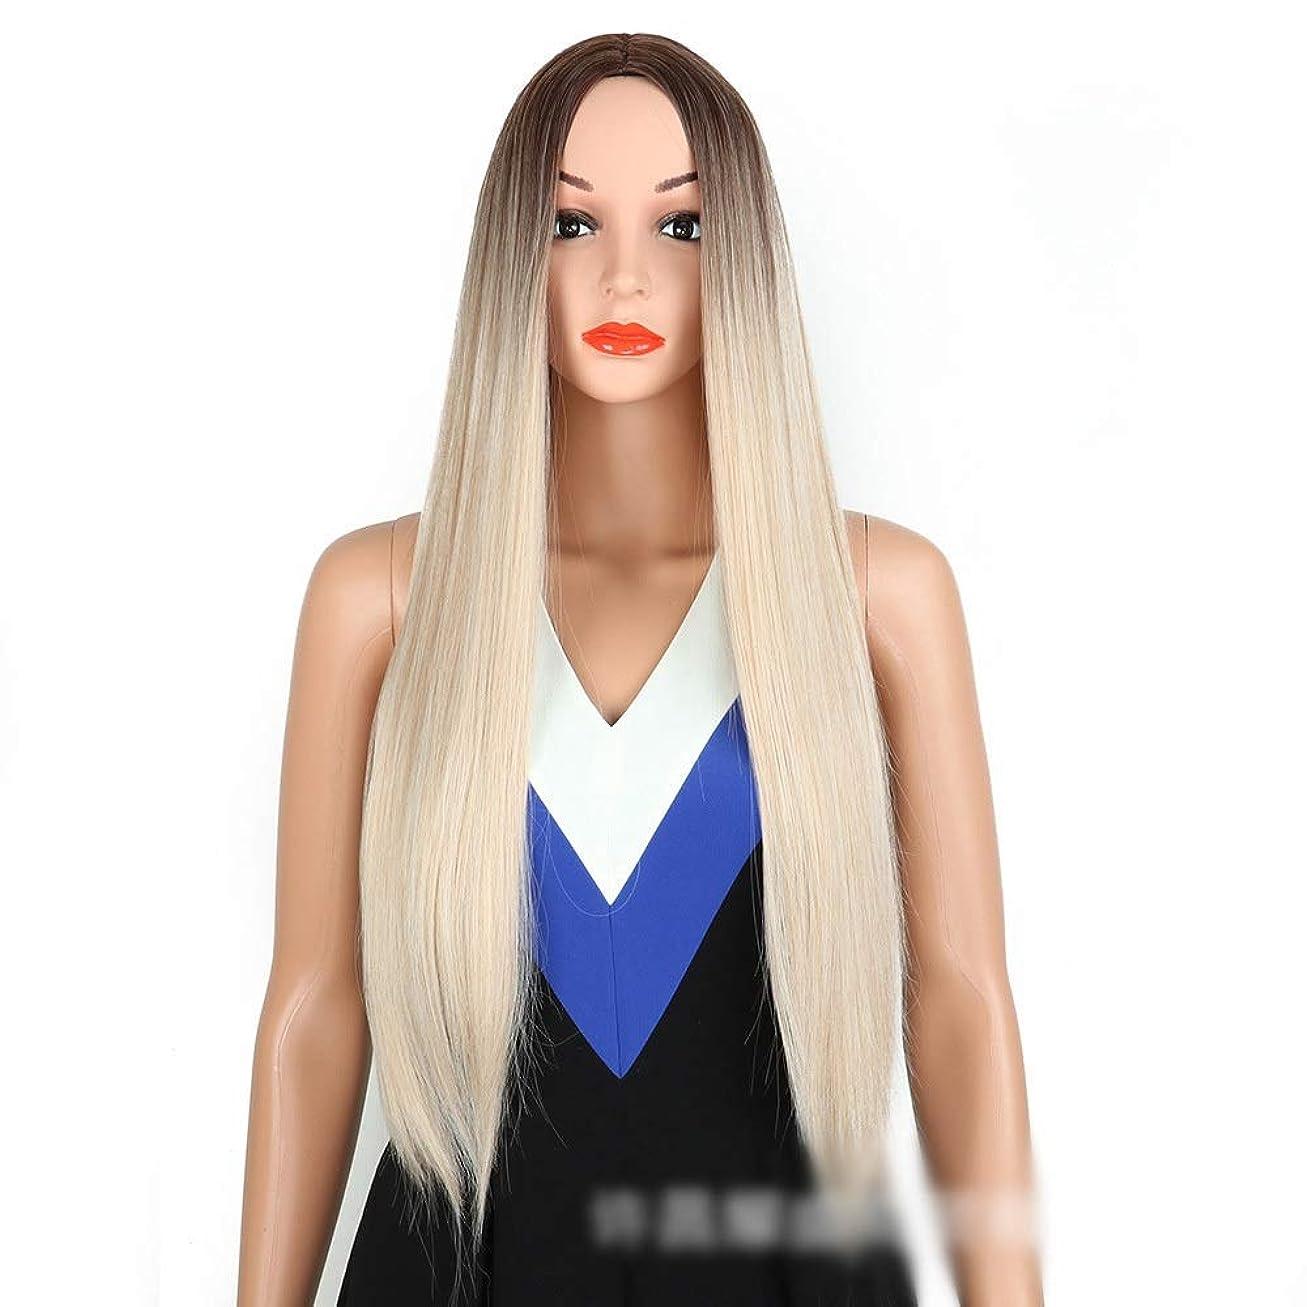 厄介な噛むフラスコYrattary 女性のための長いストレートヘッドを探している女性の金髪ストレートウィッグ耐熱ナチュラルファッションパーティードレスウィッグ (Color : Blonde)